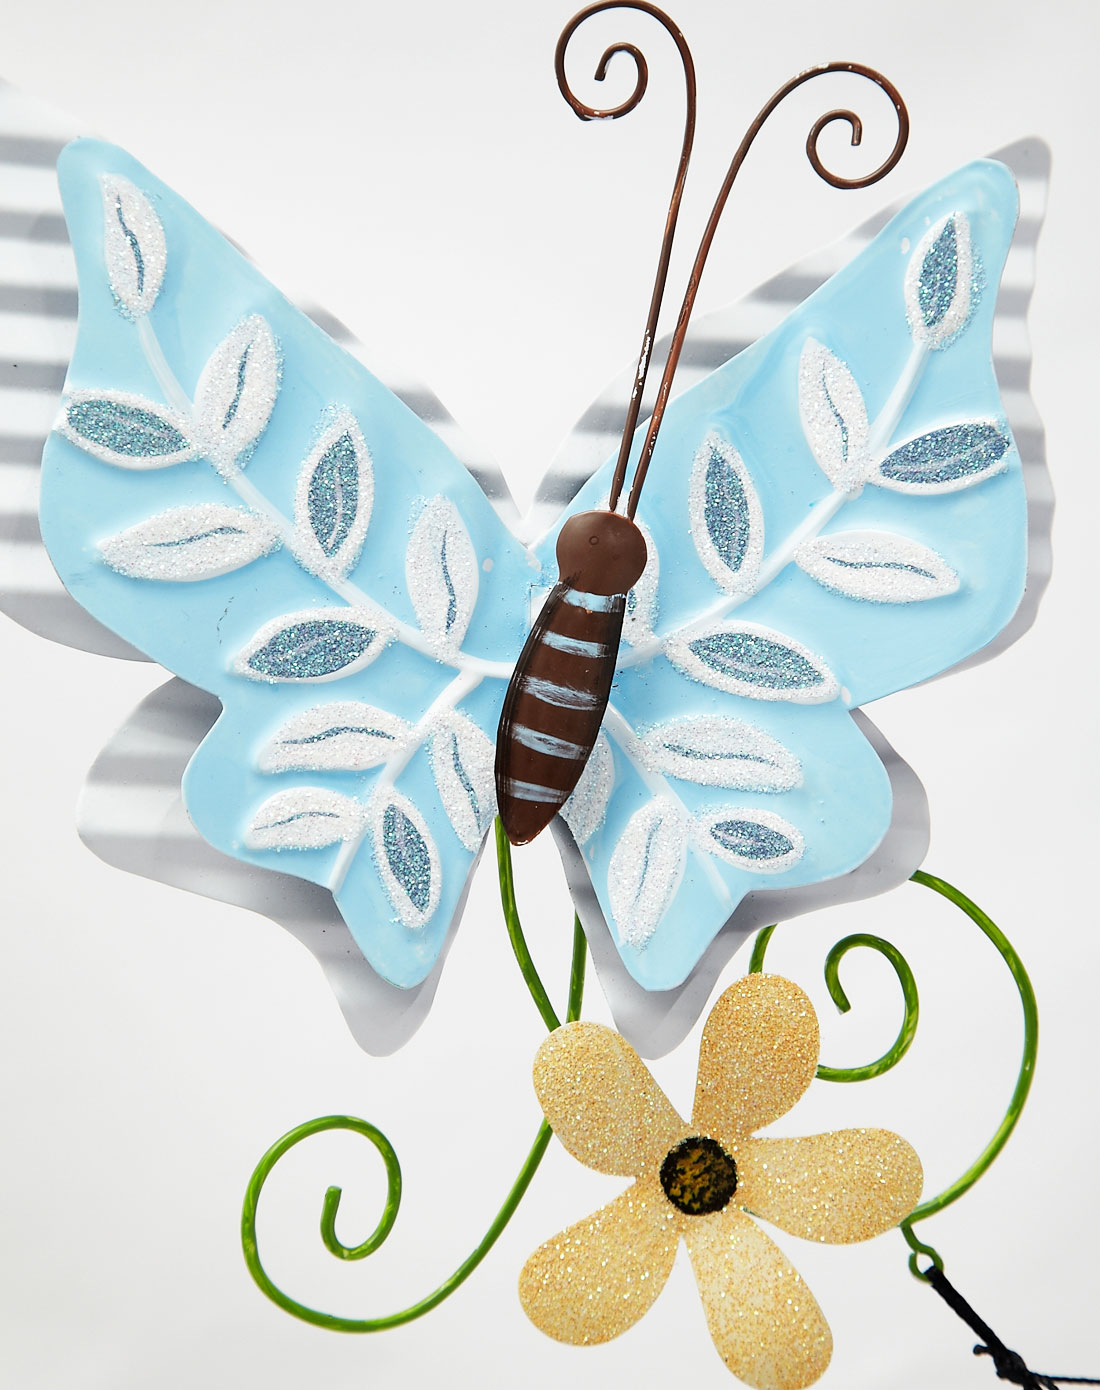 手绘玻璃装饰风铃两件套